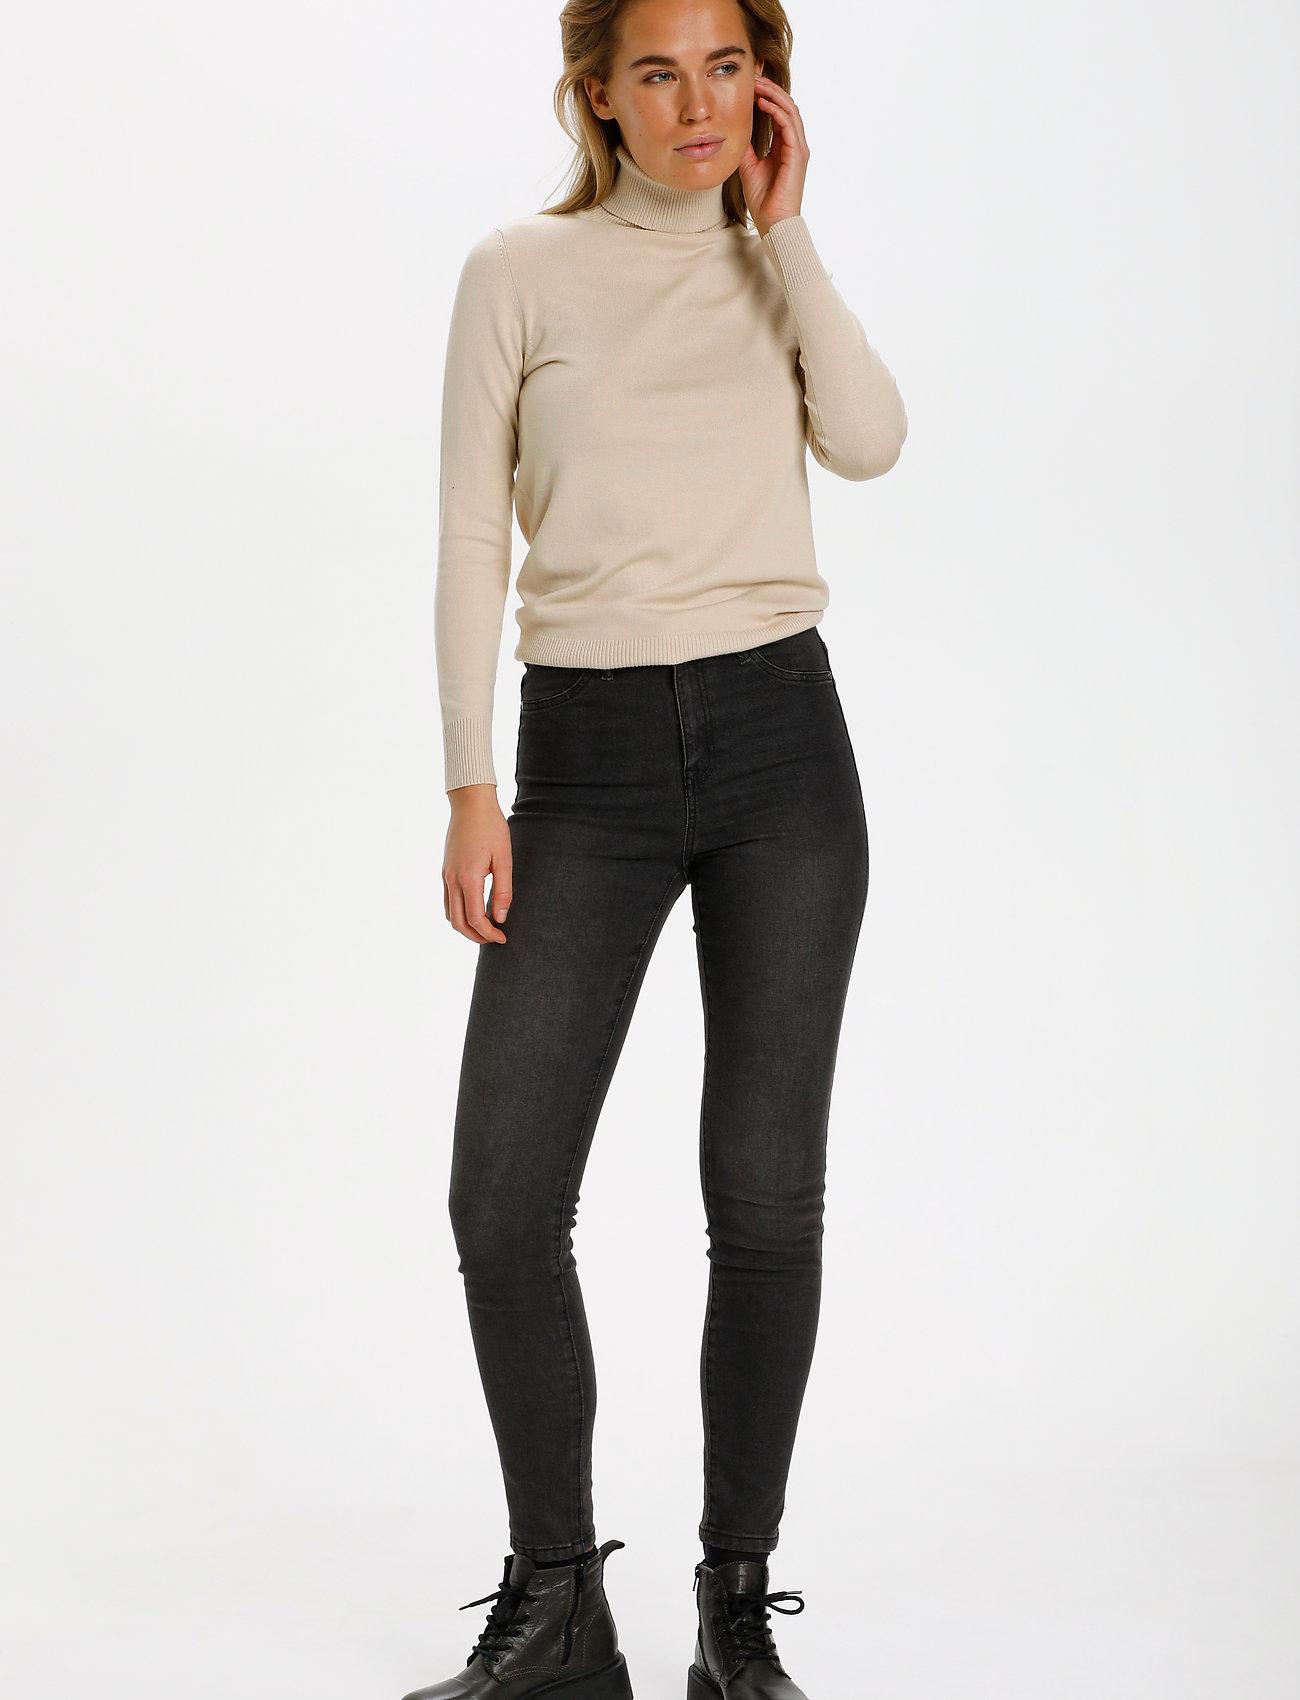 Saint Tropez - T5757, TinnaSZ Jeans - skinny jeans - dk.grey - 3